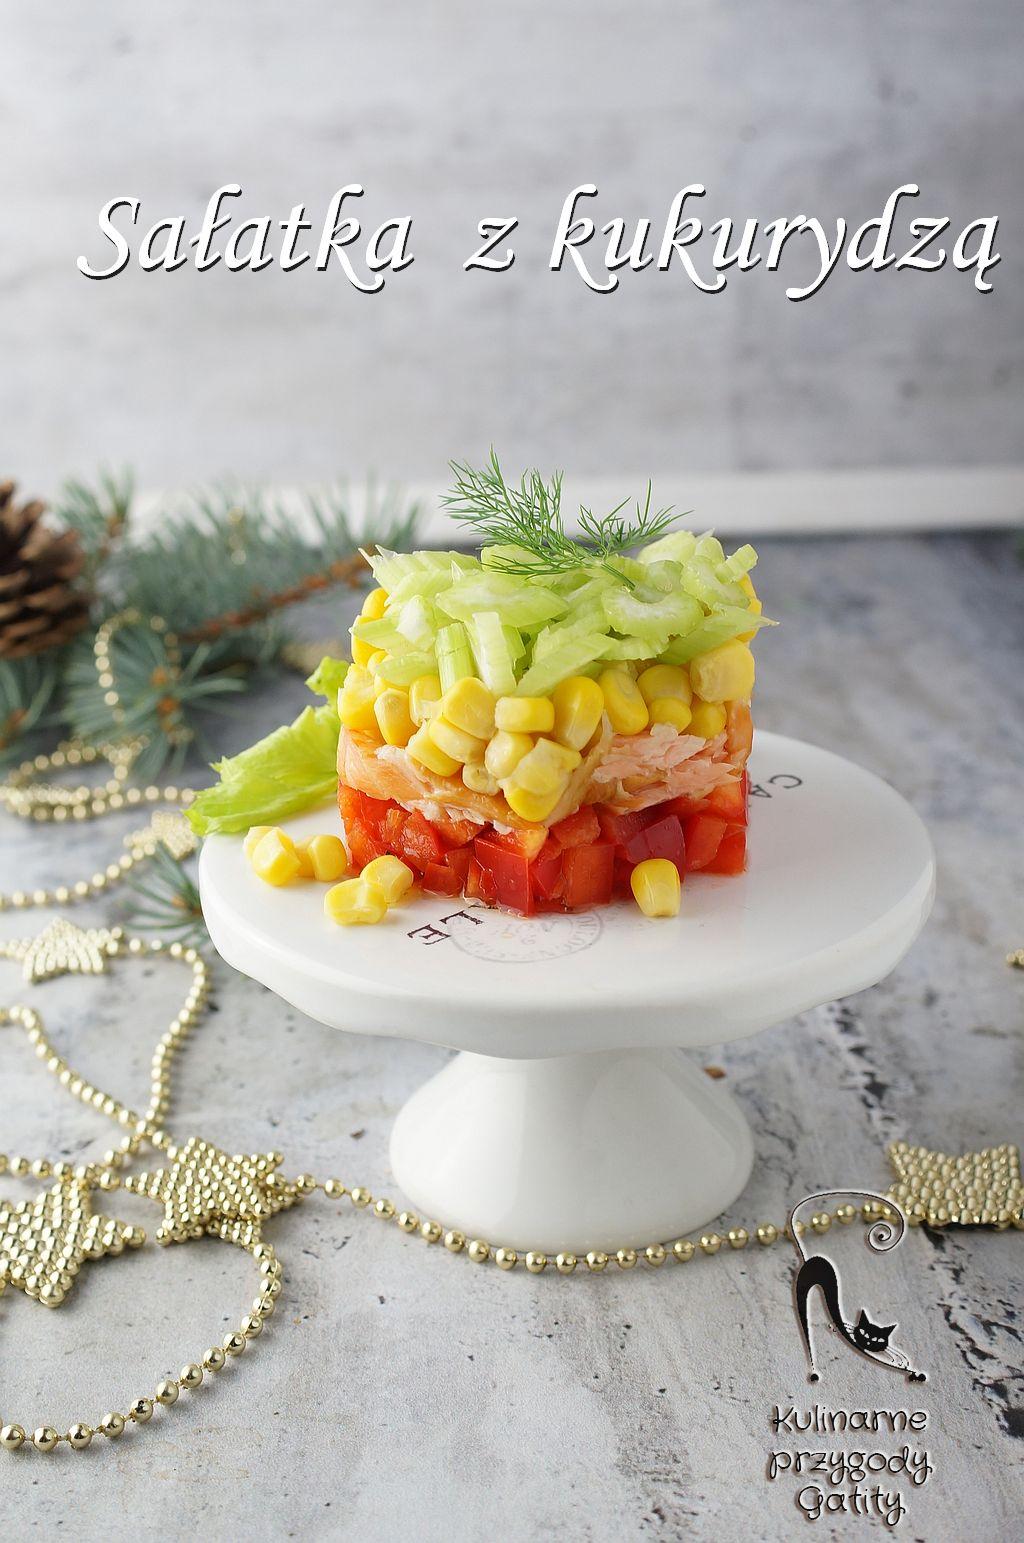 salatka z kukurydza i lososiem w szklanym pojemniku na swiatecznym tle